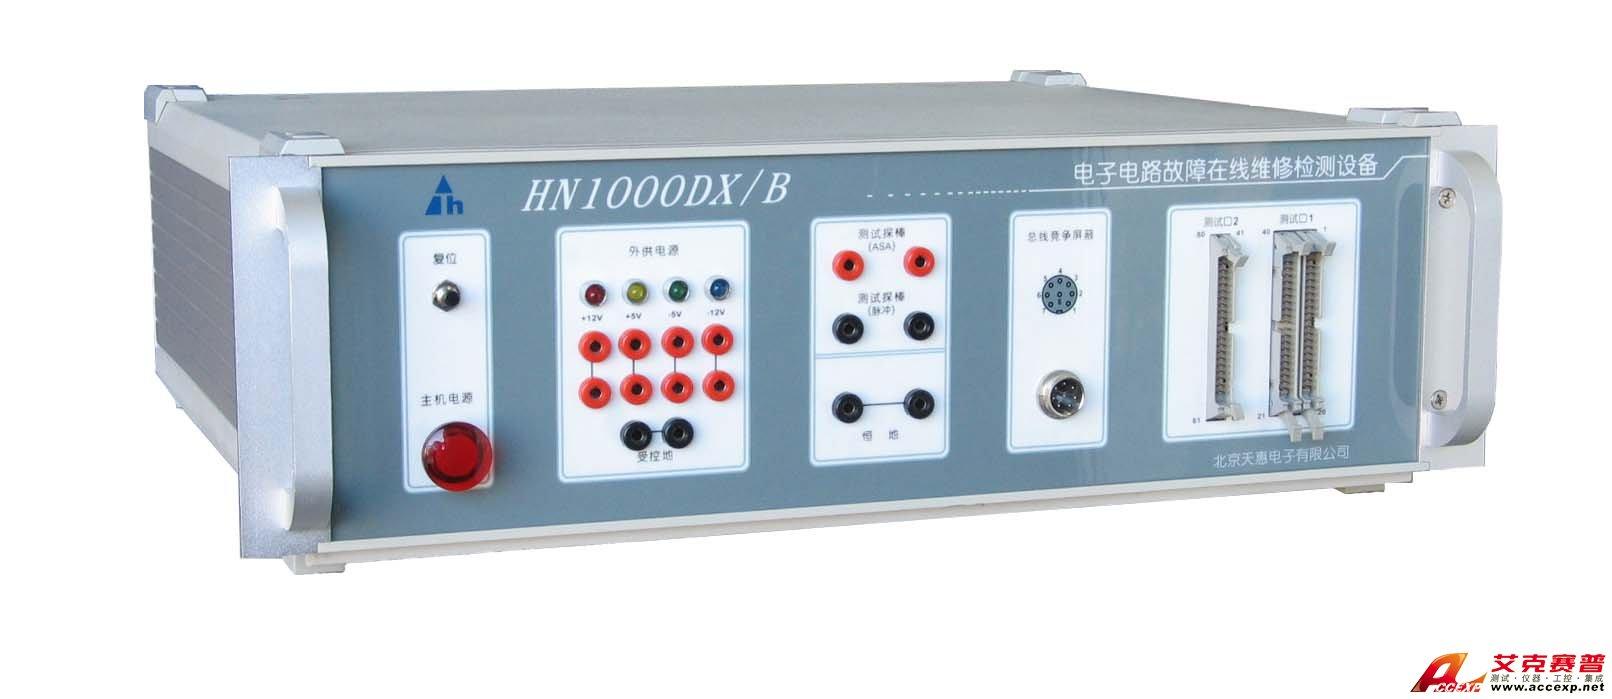 汇能hn1000dx/b电路测试仪(价格优惠)